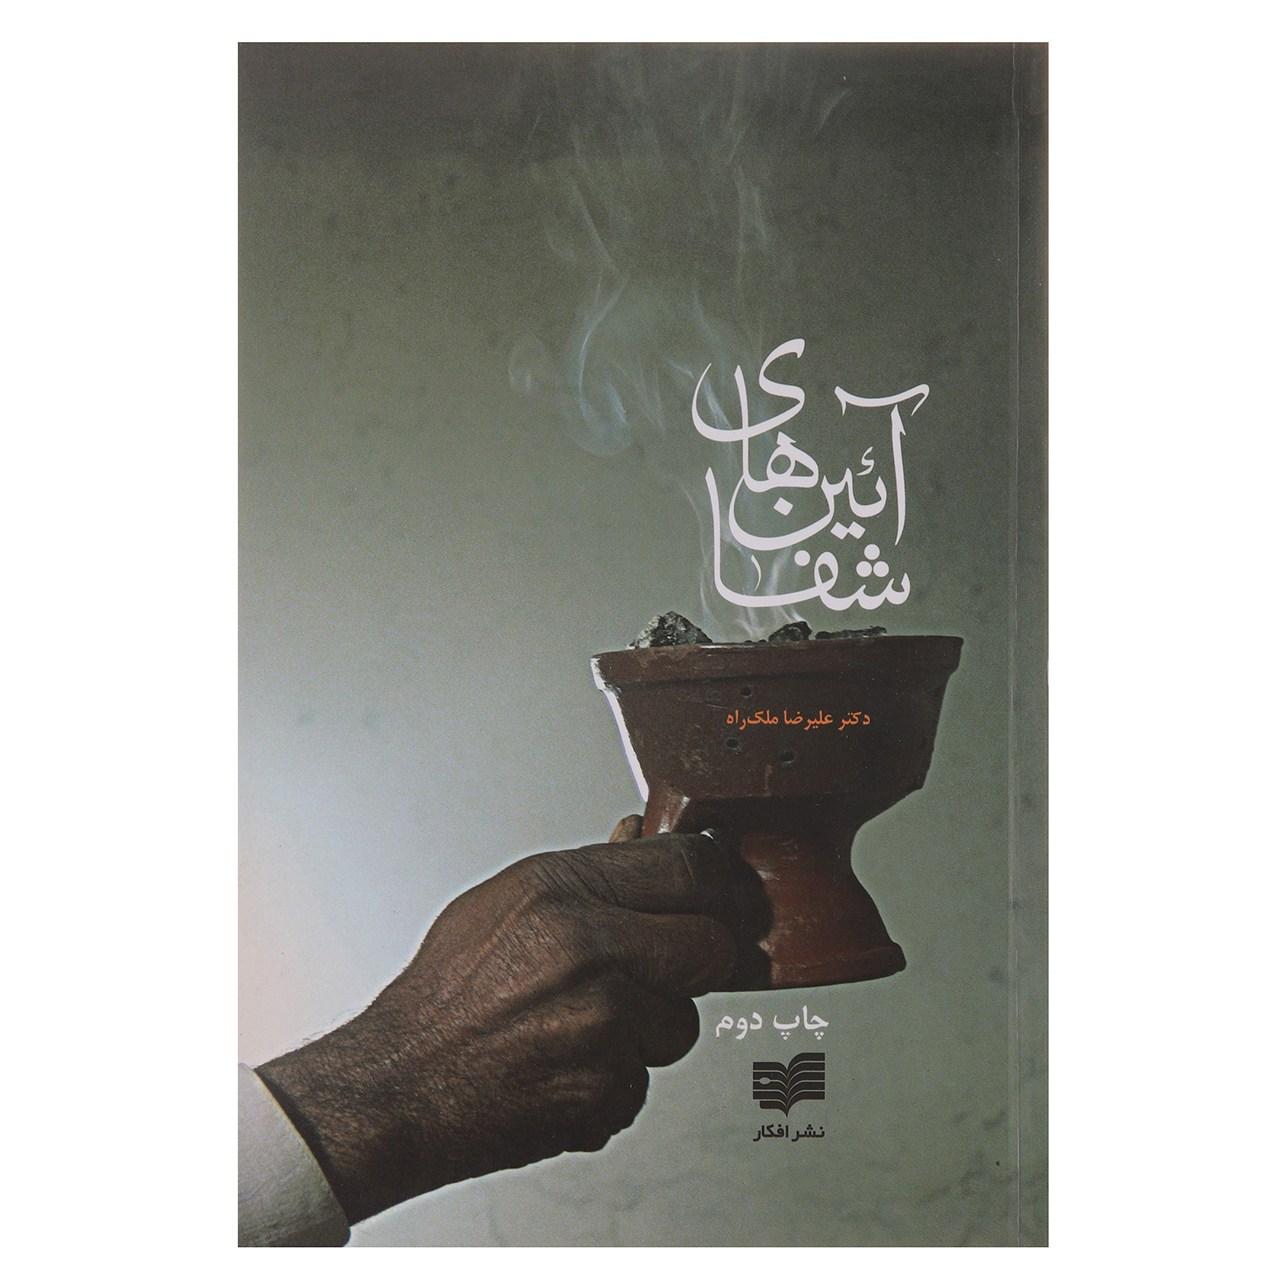 کتاب آئین های شفا اثر علیرضا ملک راه